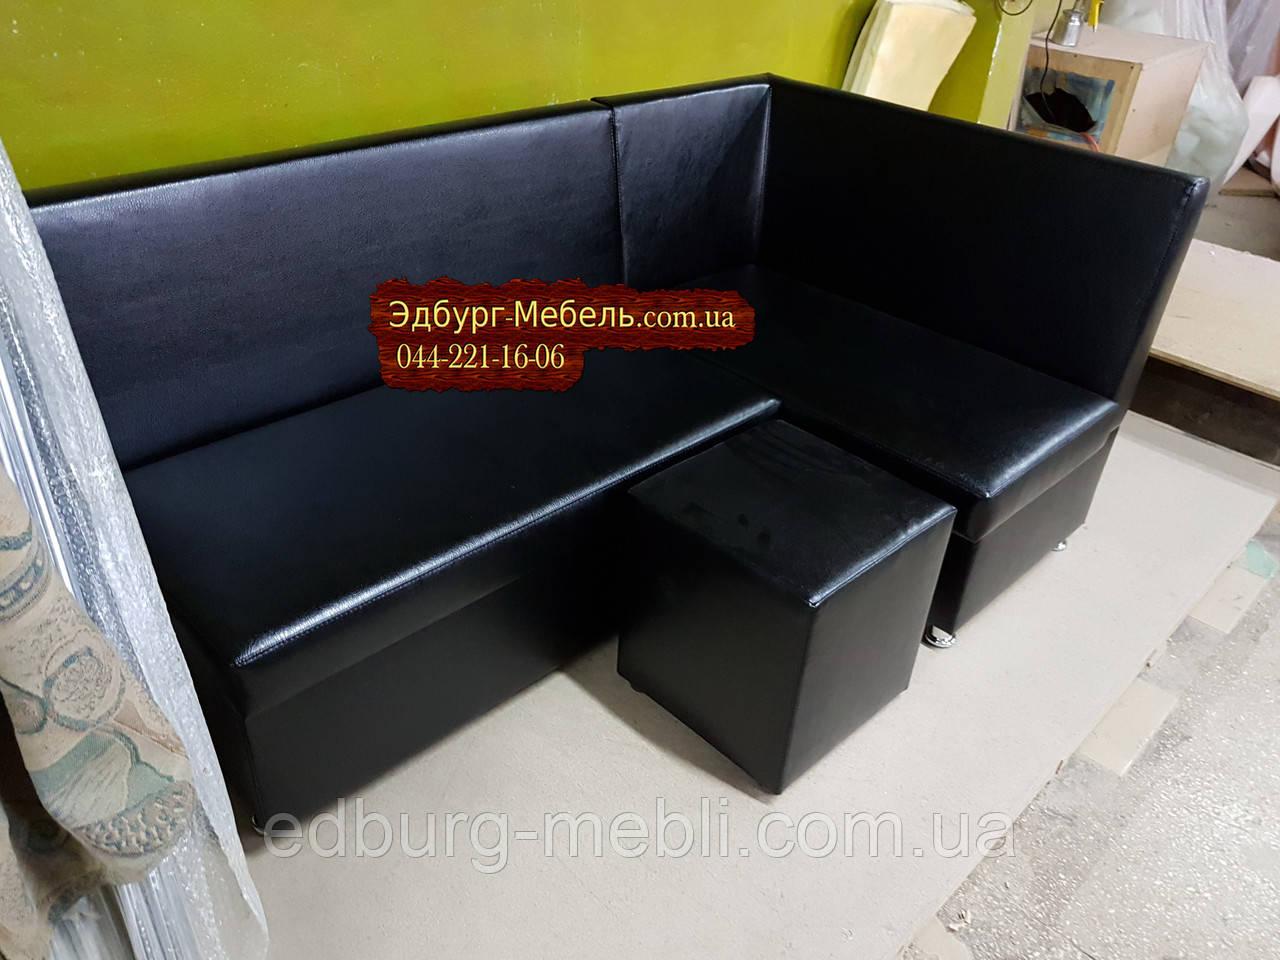 Кухонный уголок черный Пегас + спальное место кровать